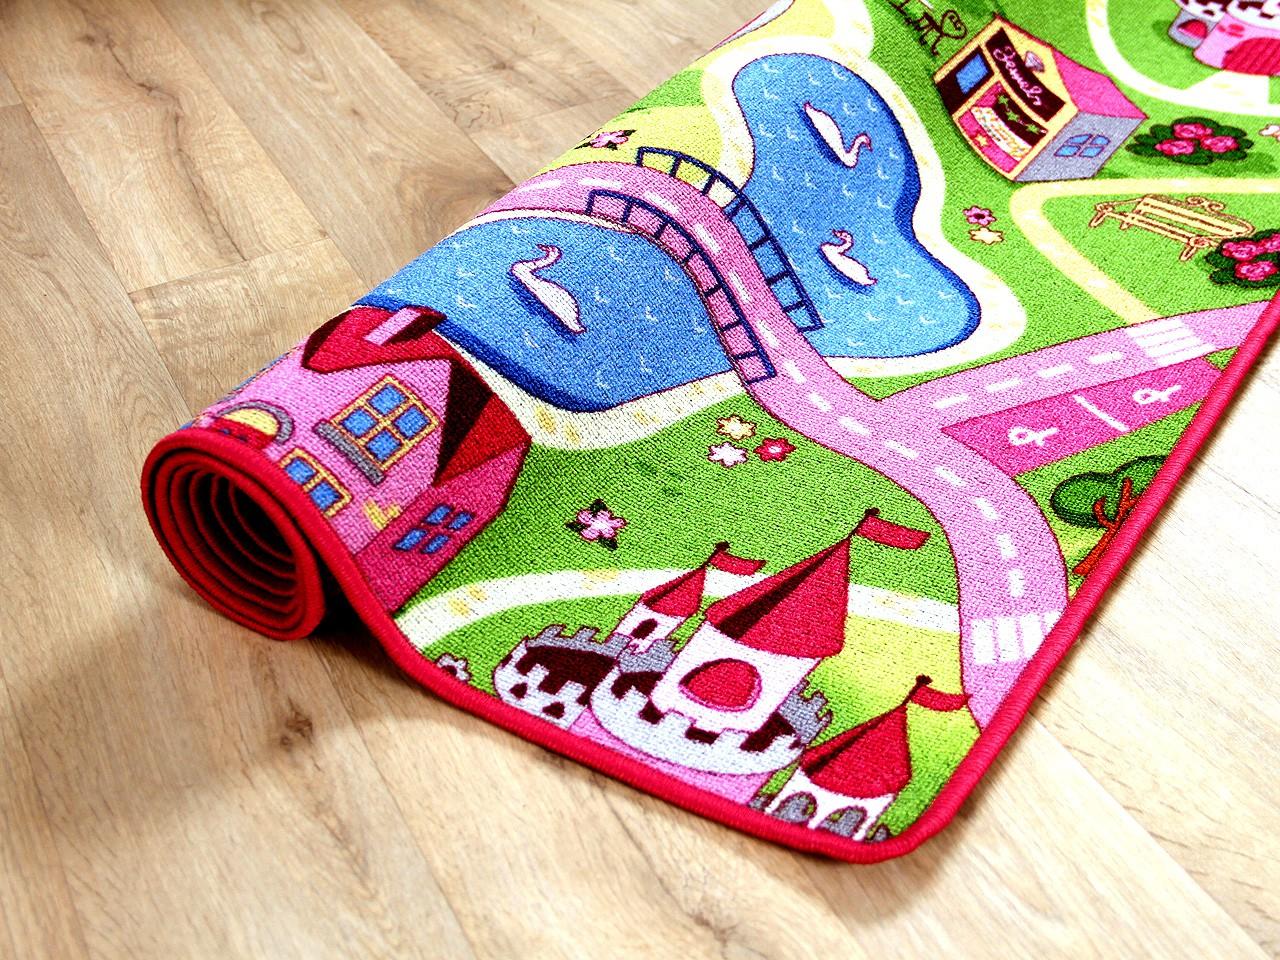 Kinder Spiel Teppich Girls Rosa Village Teppiche Kinder